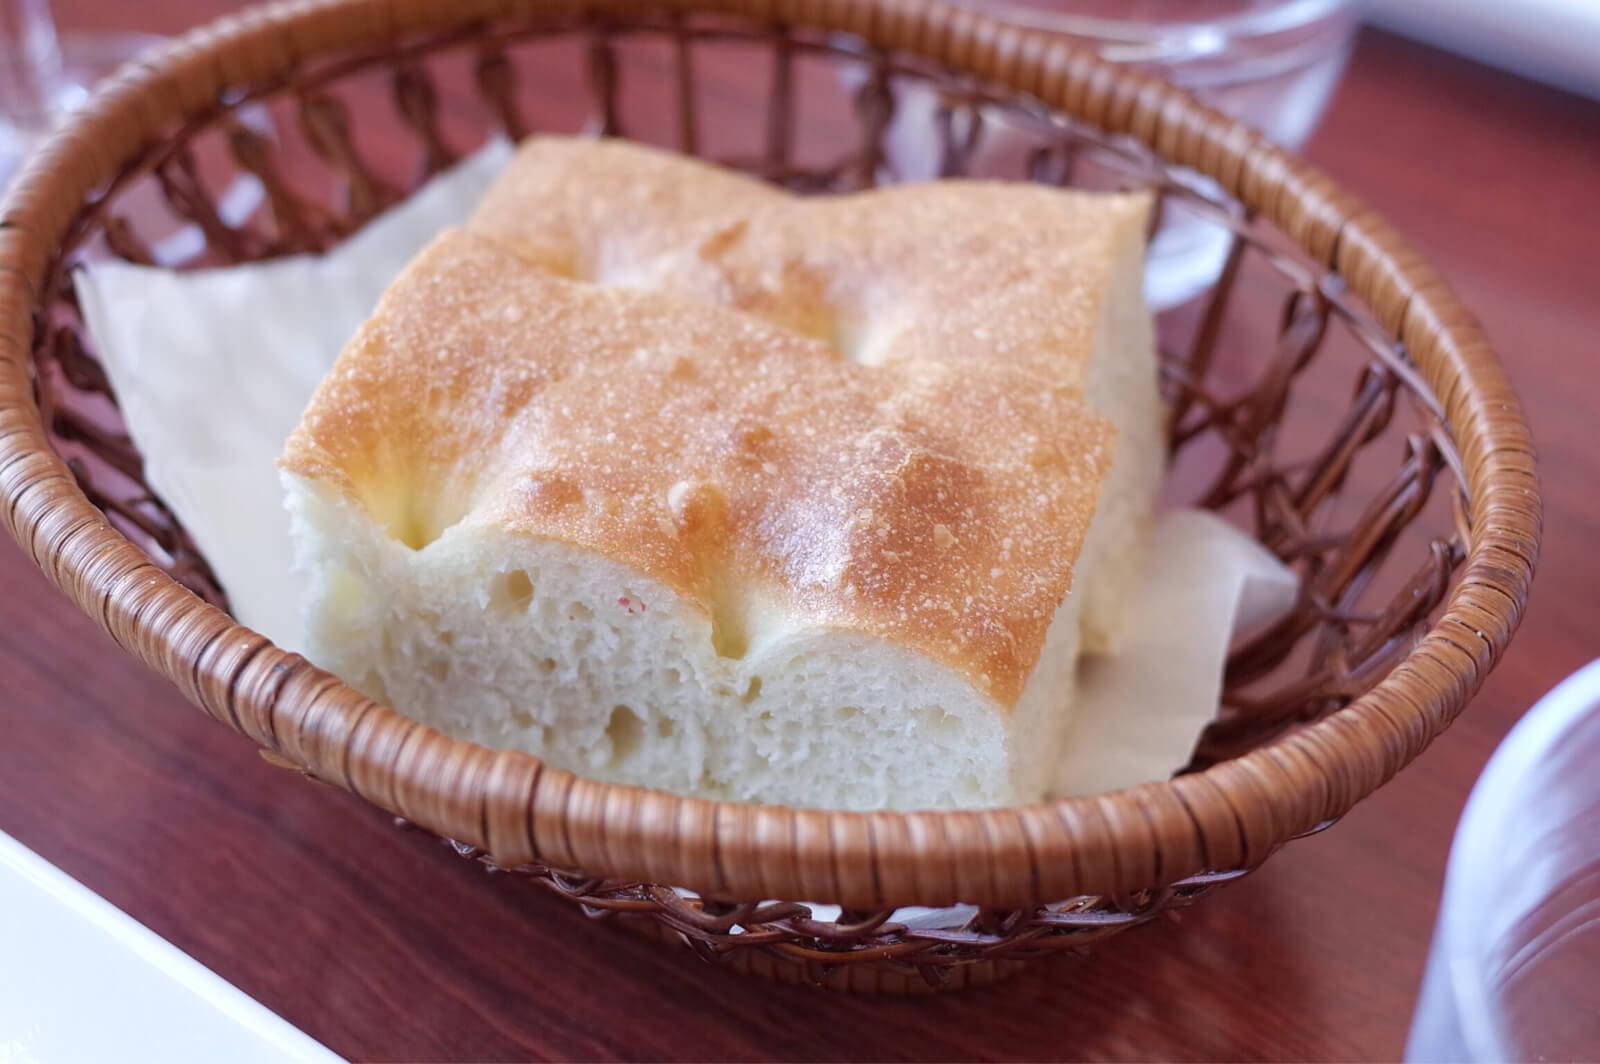 ブション・プロヴァンサル 中目黒 パン